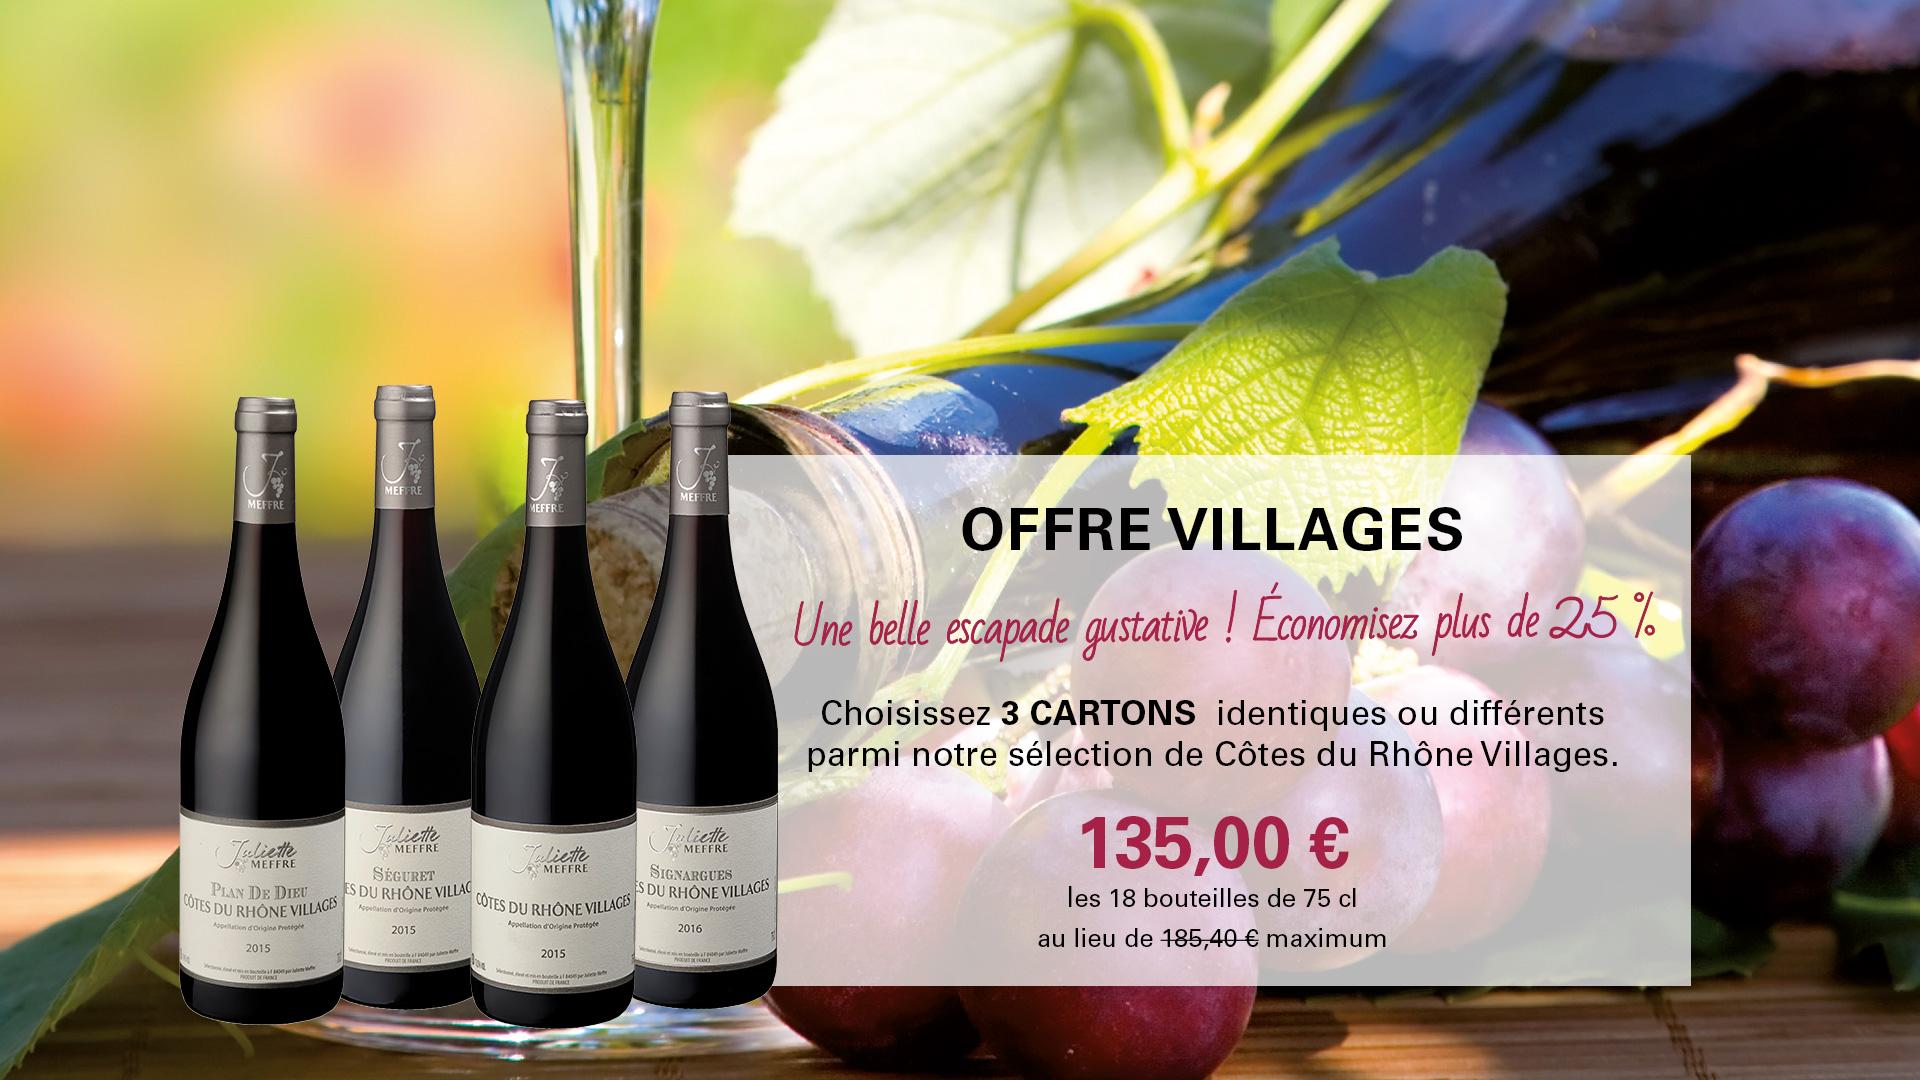 Offre Côtes-du-Rhône Villages Juliette Meffre